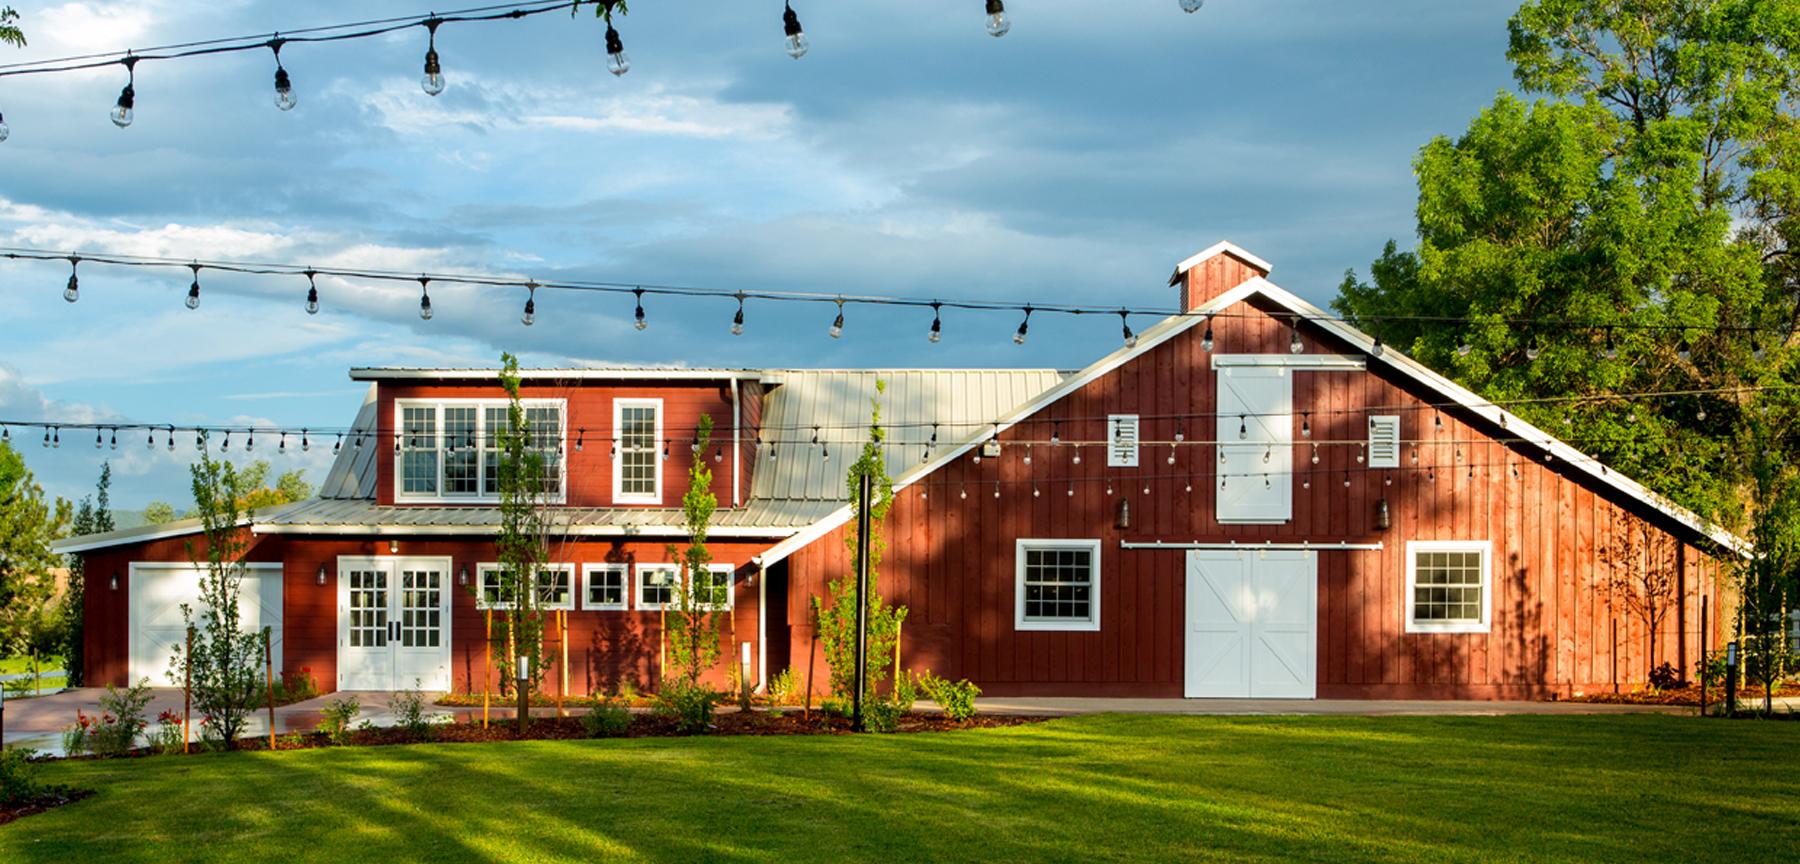 The Barn at Raccoon Creek barn and groom's loft